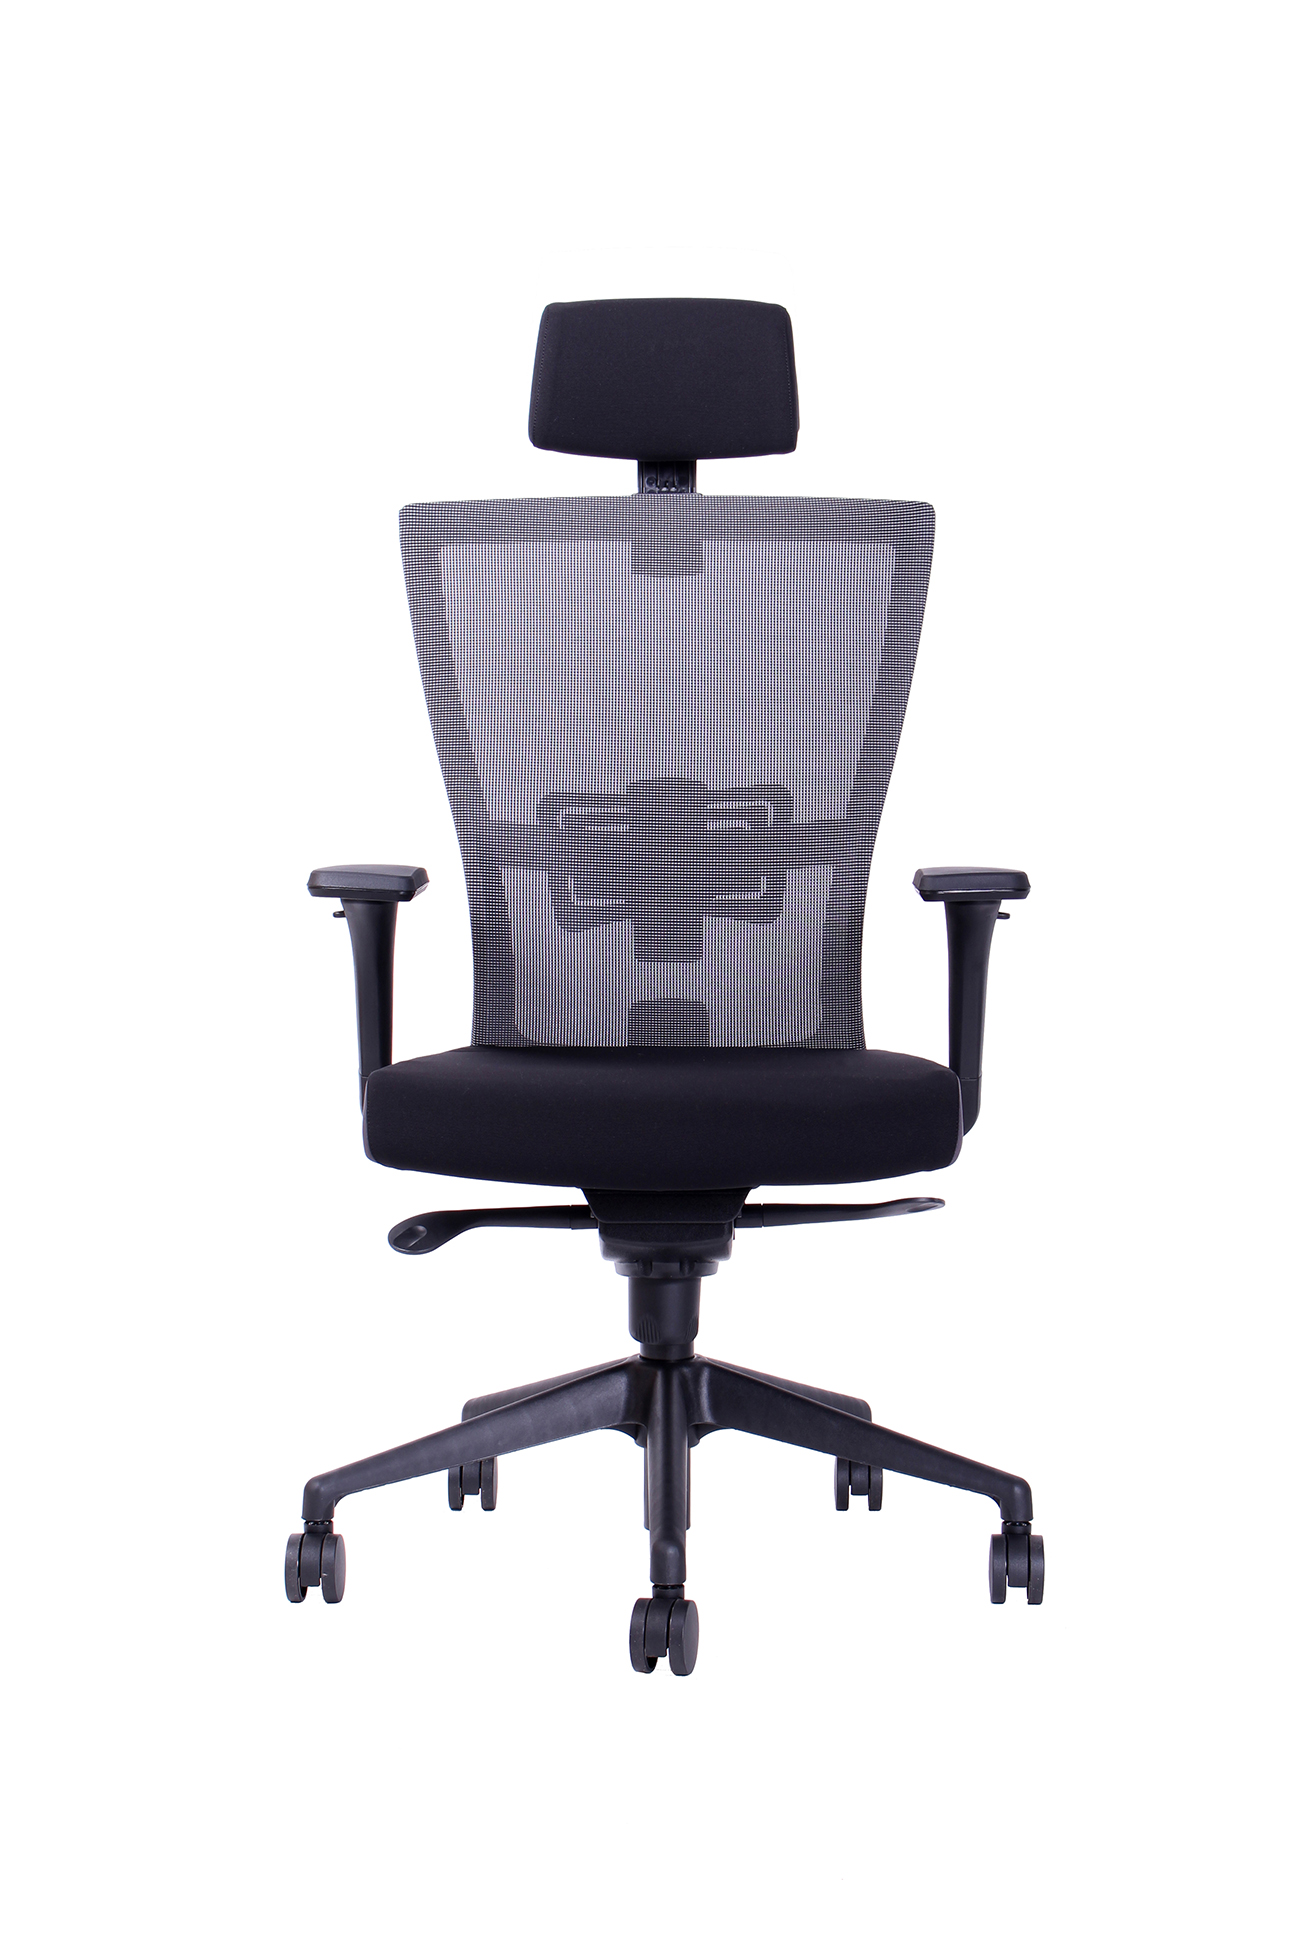 Resof | Venta y reparación sillas de oficina